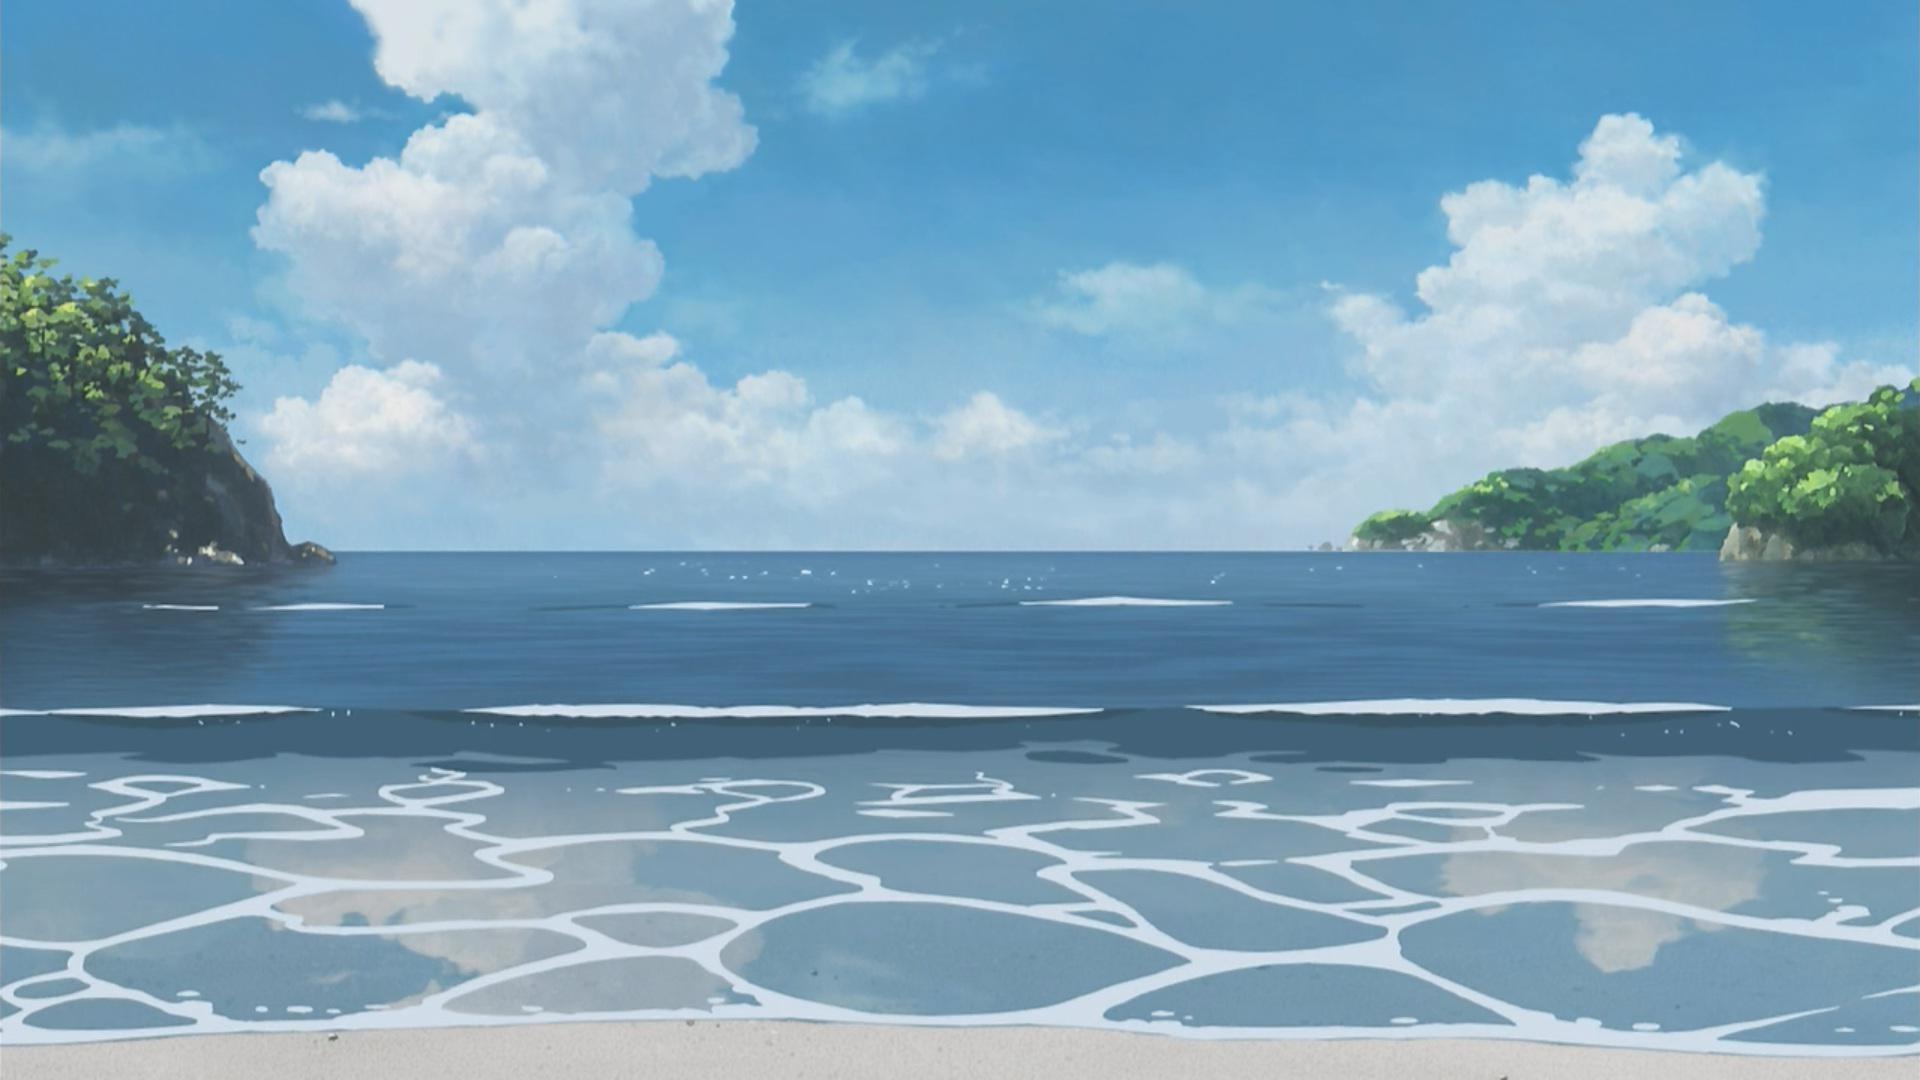 Res: 1920x1080, Anime Beach Scenery Wallpaper 6379  - uMad.com